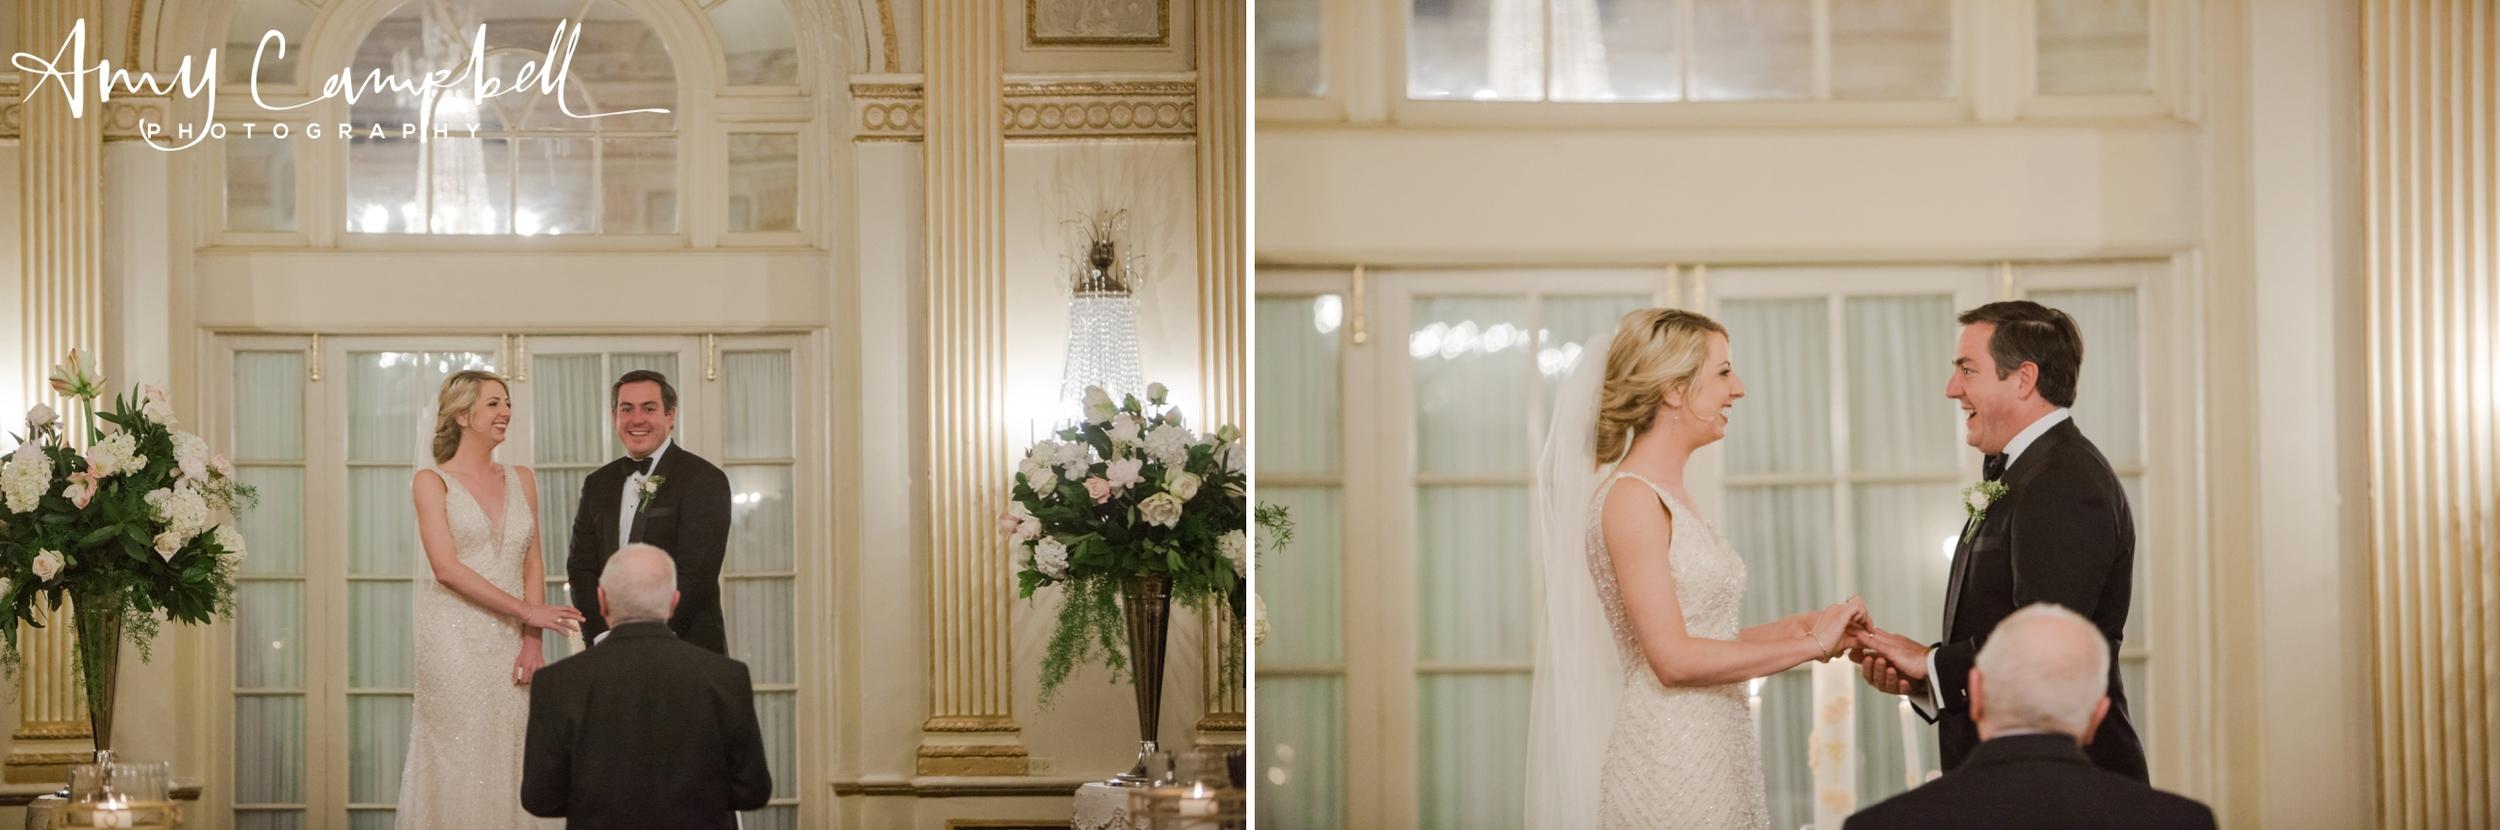 emmakyle_wedding_fb_amycampbellphotography_0038.jpg